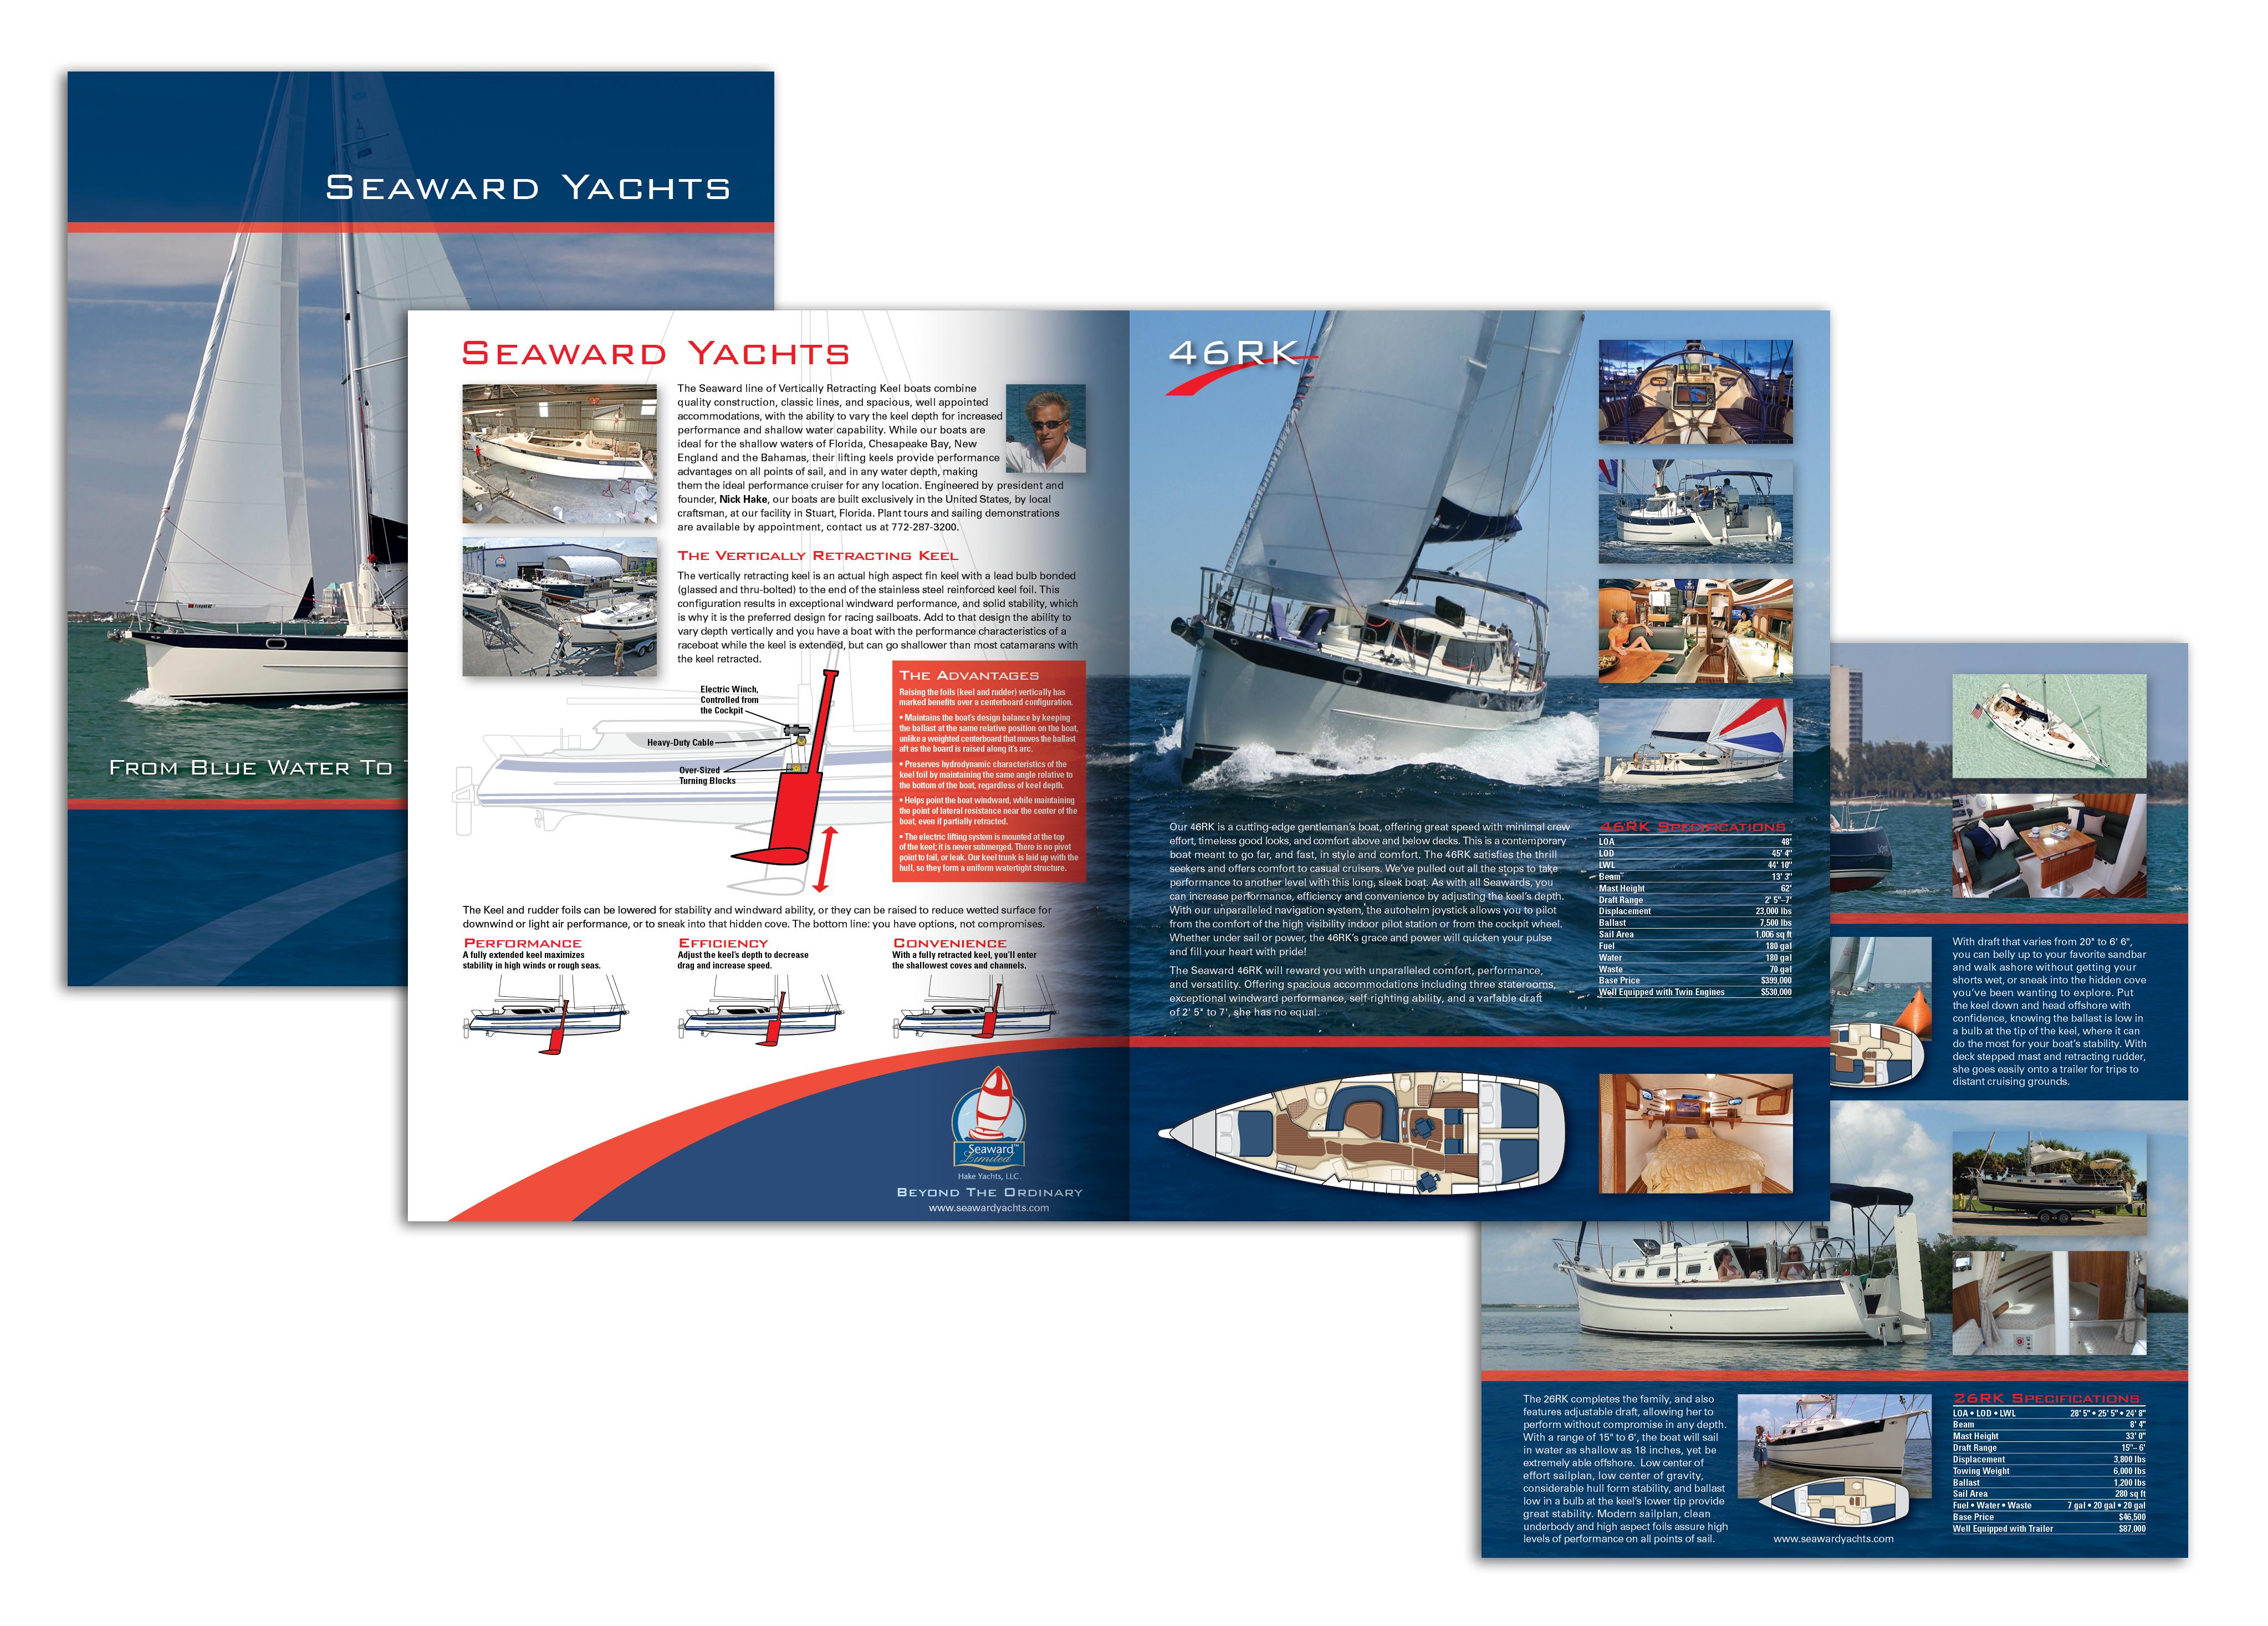 Hake Yachts | Seaward